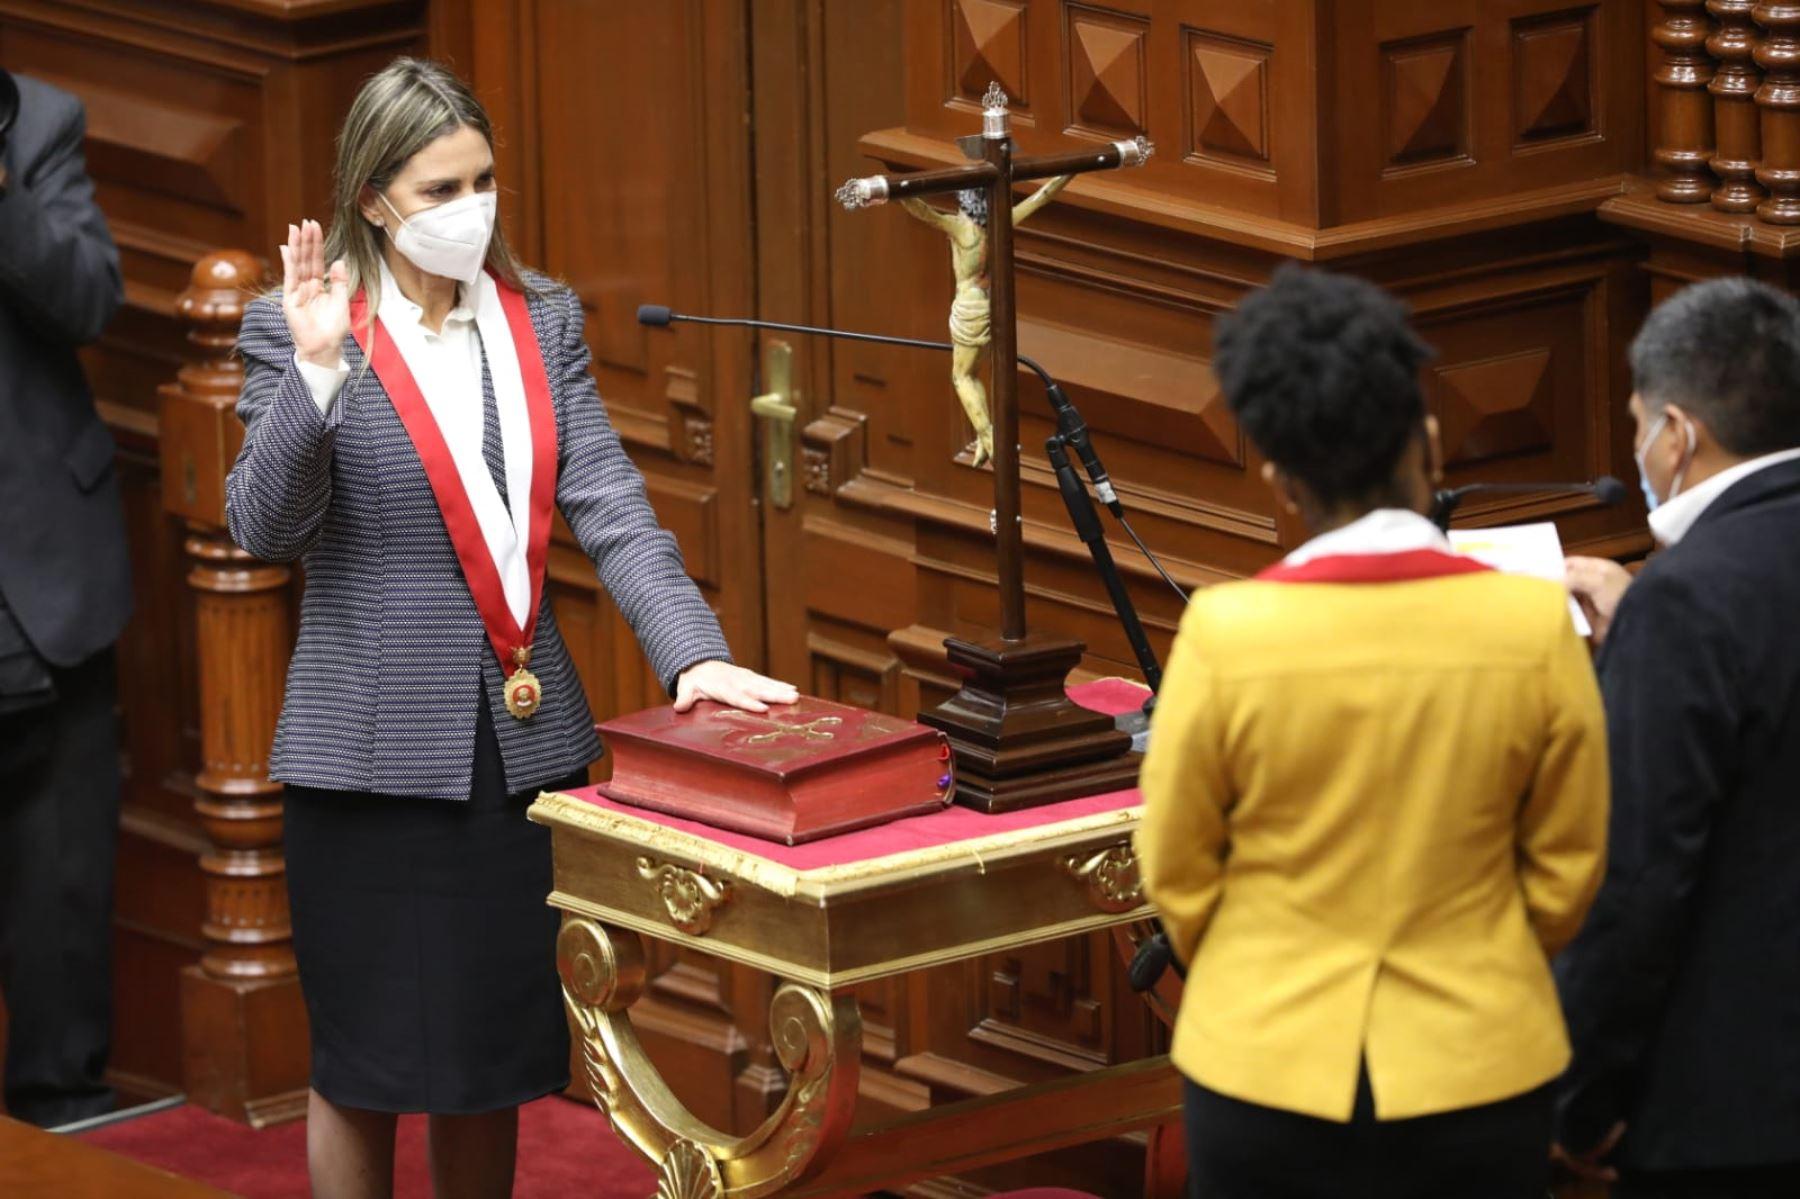 La congresista María del Carmen Alva Prieto, de la bancada Acción Popular (AP), presidirá el Congreso de la República. Foto: Congreso